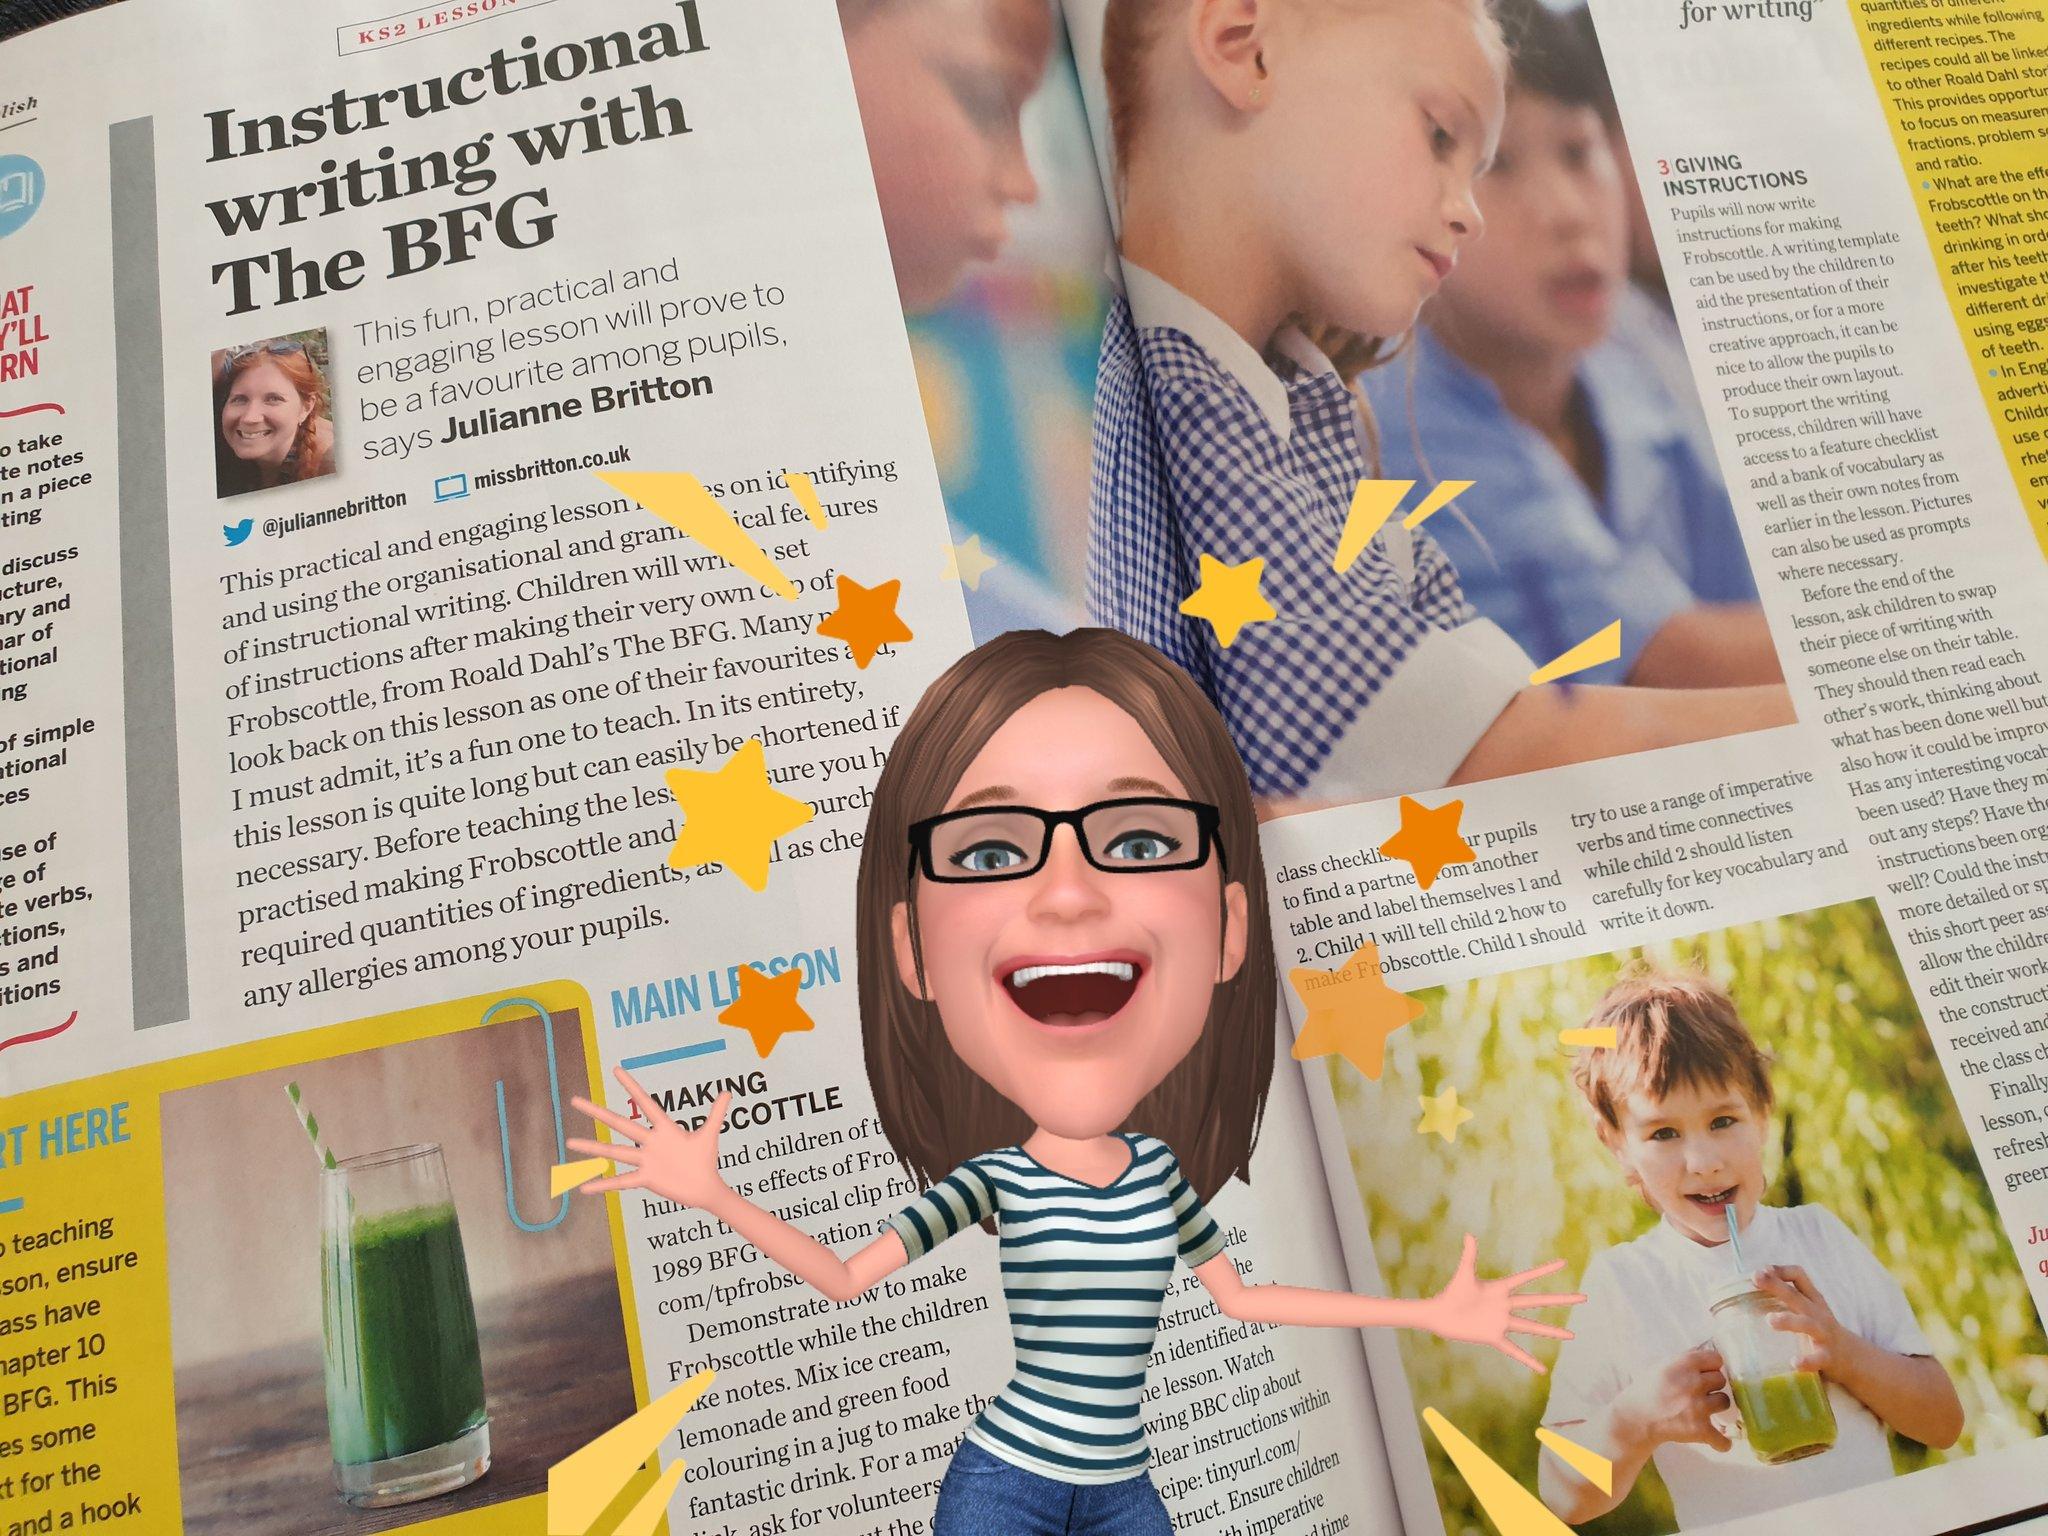 miss britton bfg teach primary magazine frobscottle instructions